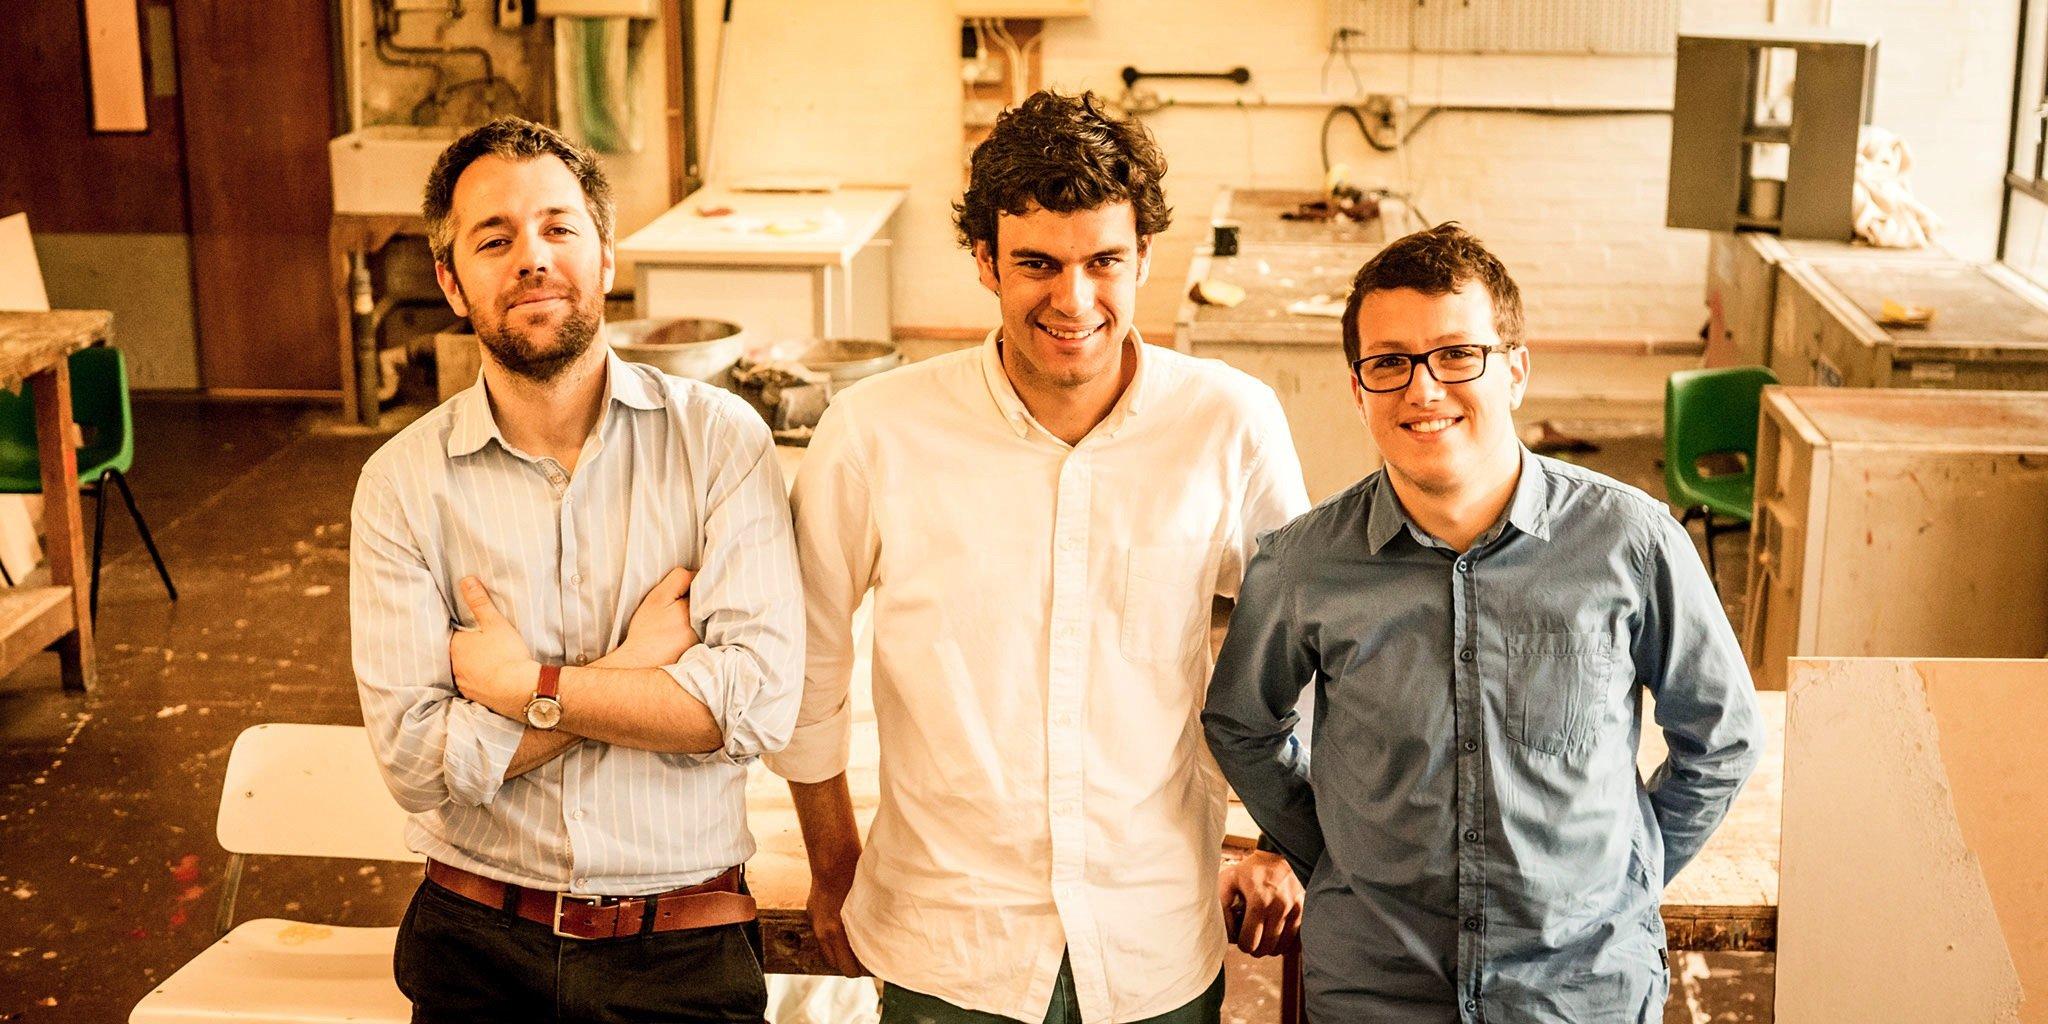 Der Designer Rodrigo Garcia Gonzalez und seine beiden Kollegen Guillaume Couche und Pierre Paslier vom Rocks Lab in Londonhaben die neuartige Membran zum Einpacken von Wasser entwickelt.